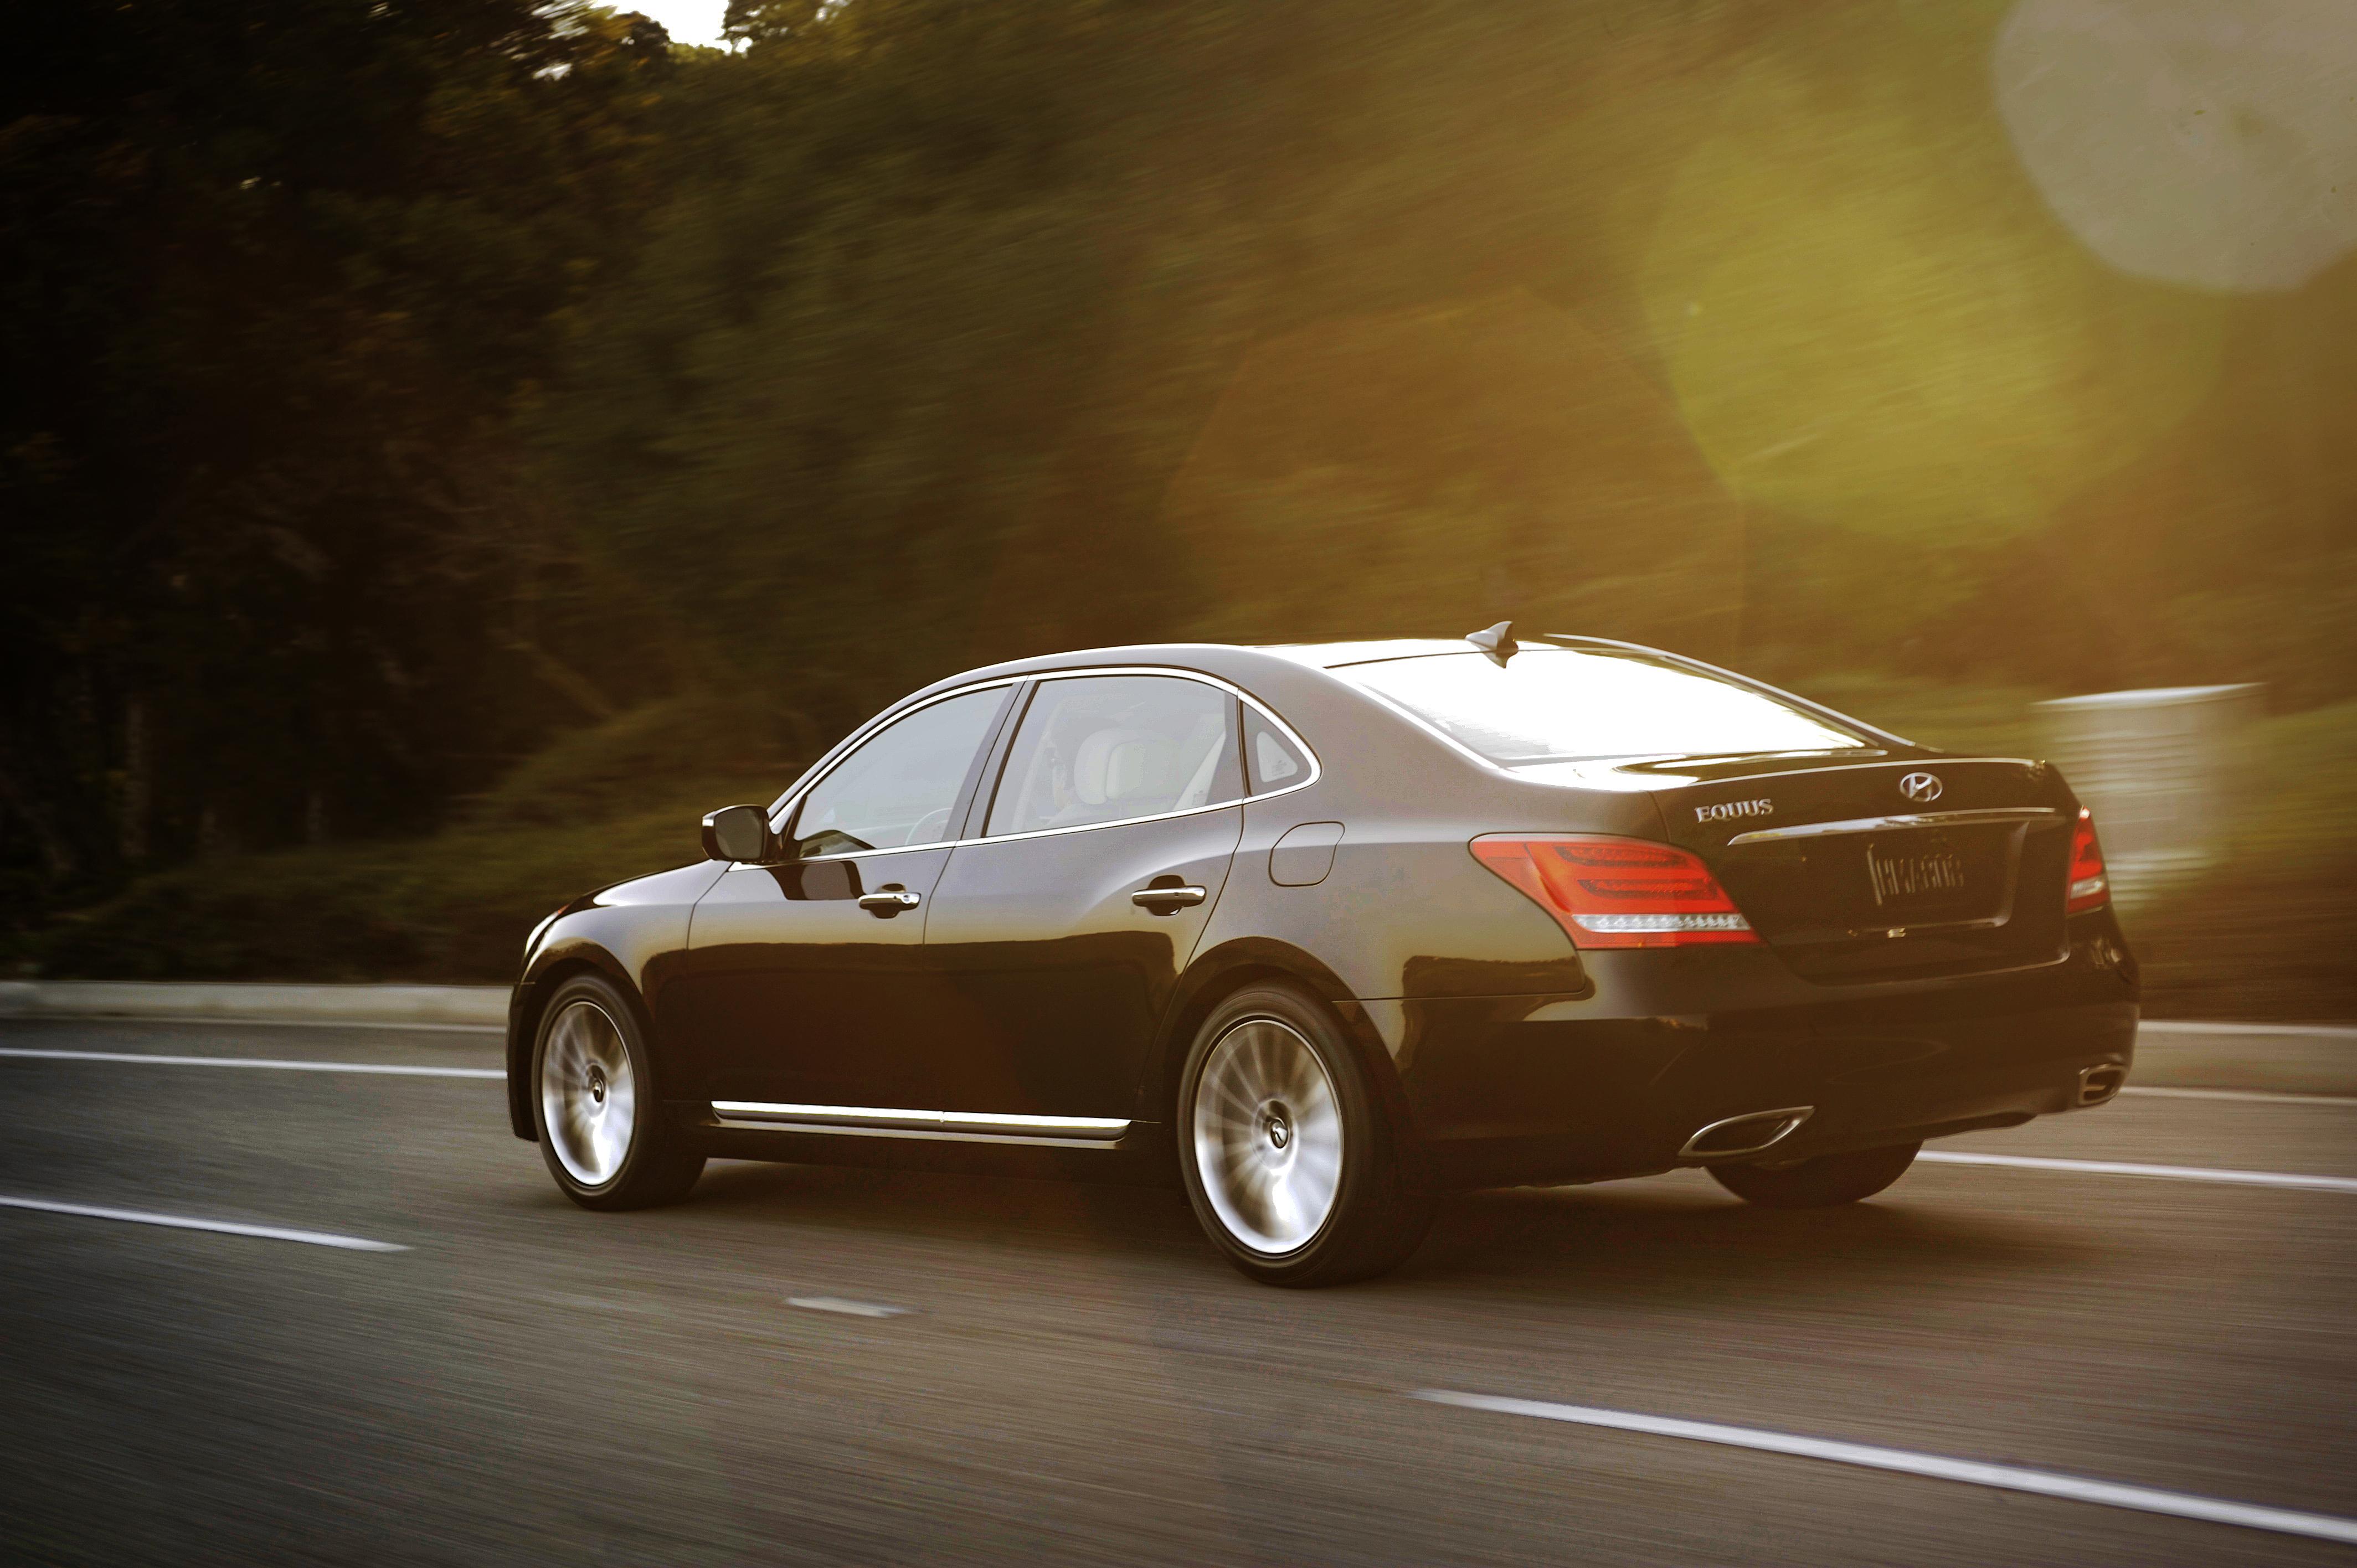 2008 - [Hyundai] i70 / i90 / Equus - Page 4 8595338221_9dc4f272e2_o